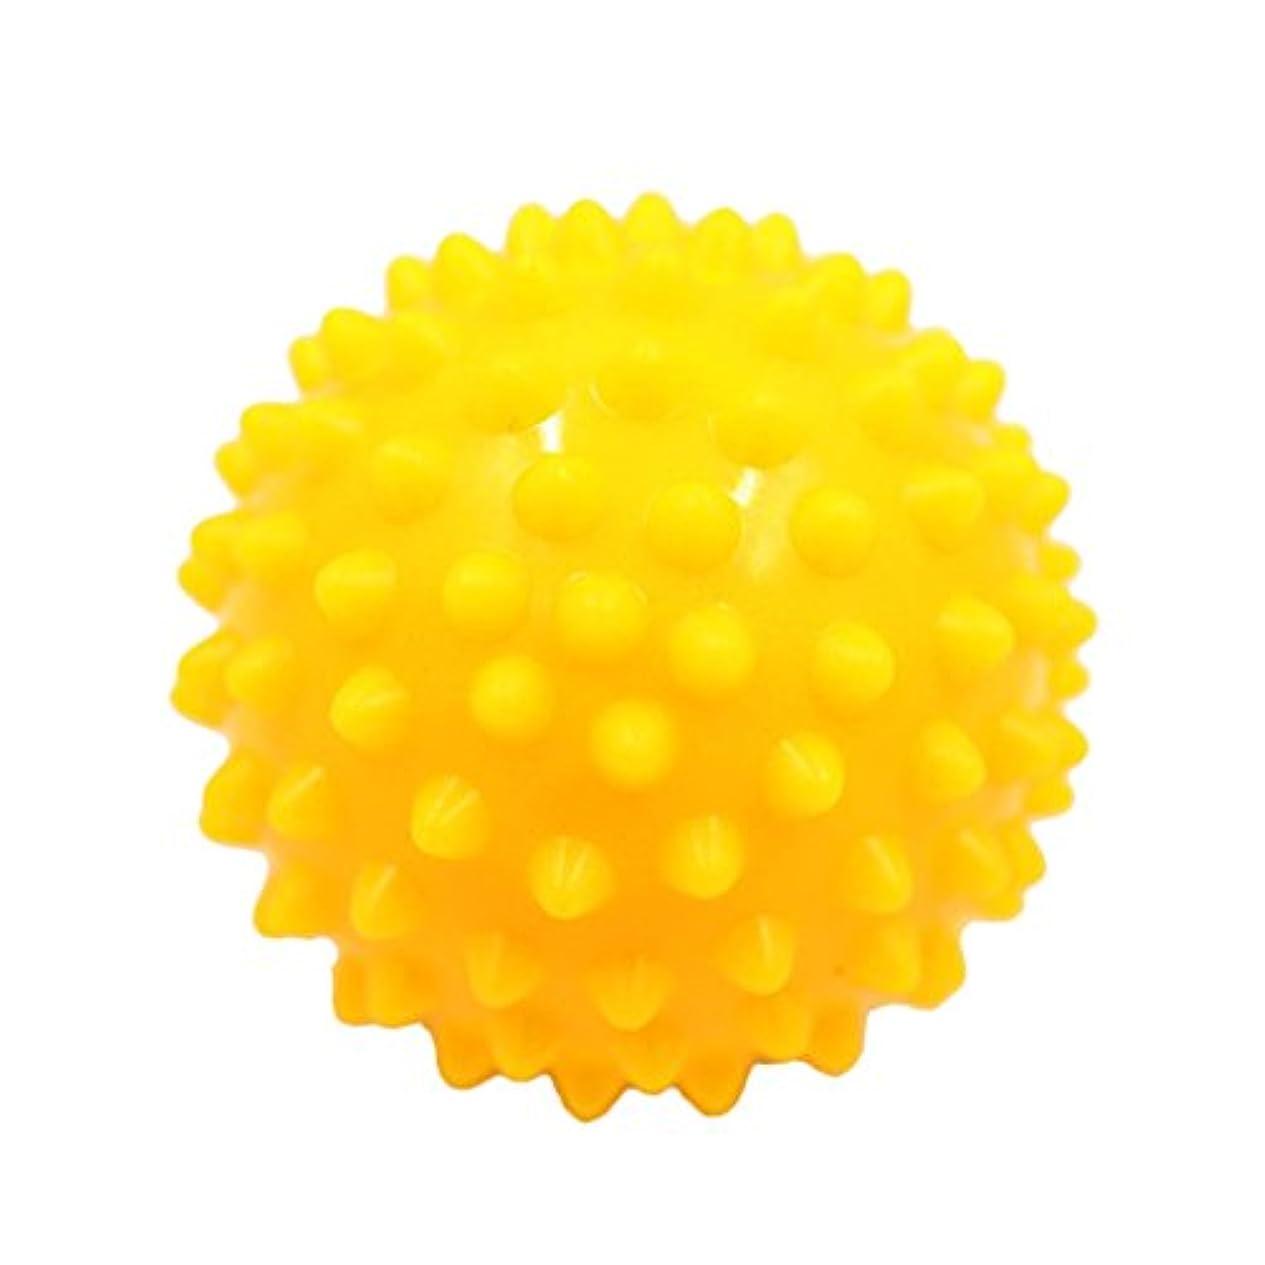 ソケットパトワ方向Baosity マッサージボール マッサージ器 ボディ  スパイク マッサージ 刺激ボール 3色選べ - 黄